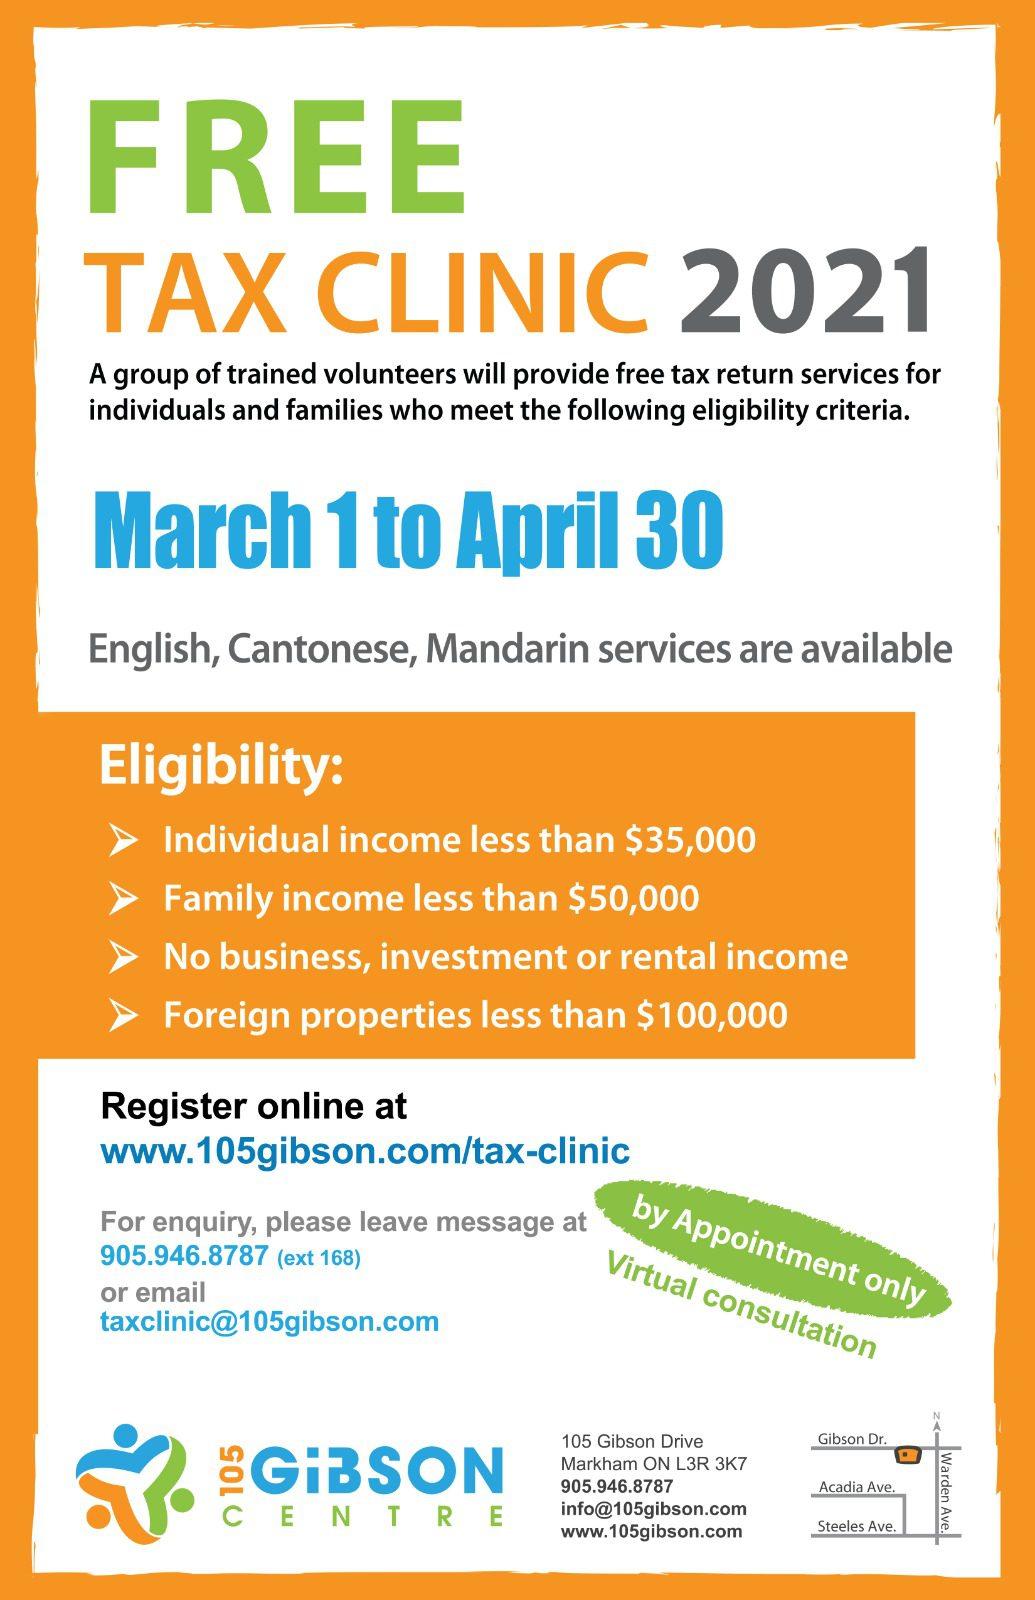 Free Tax Clinic 2021